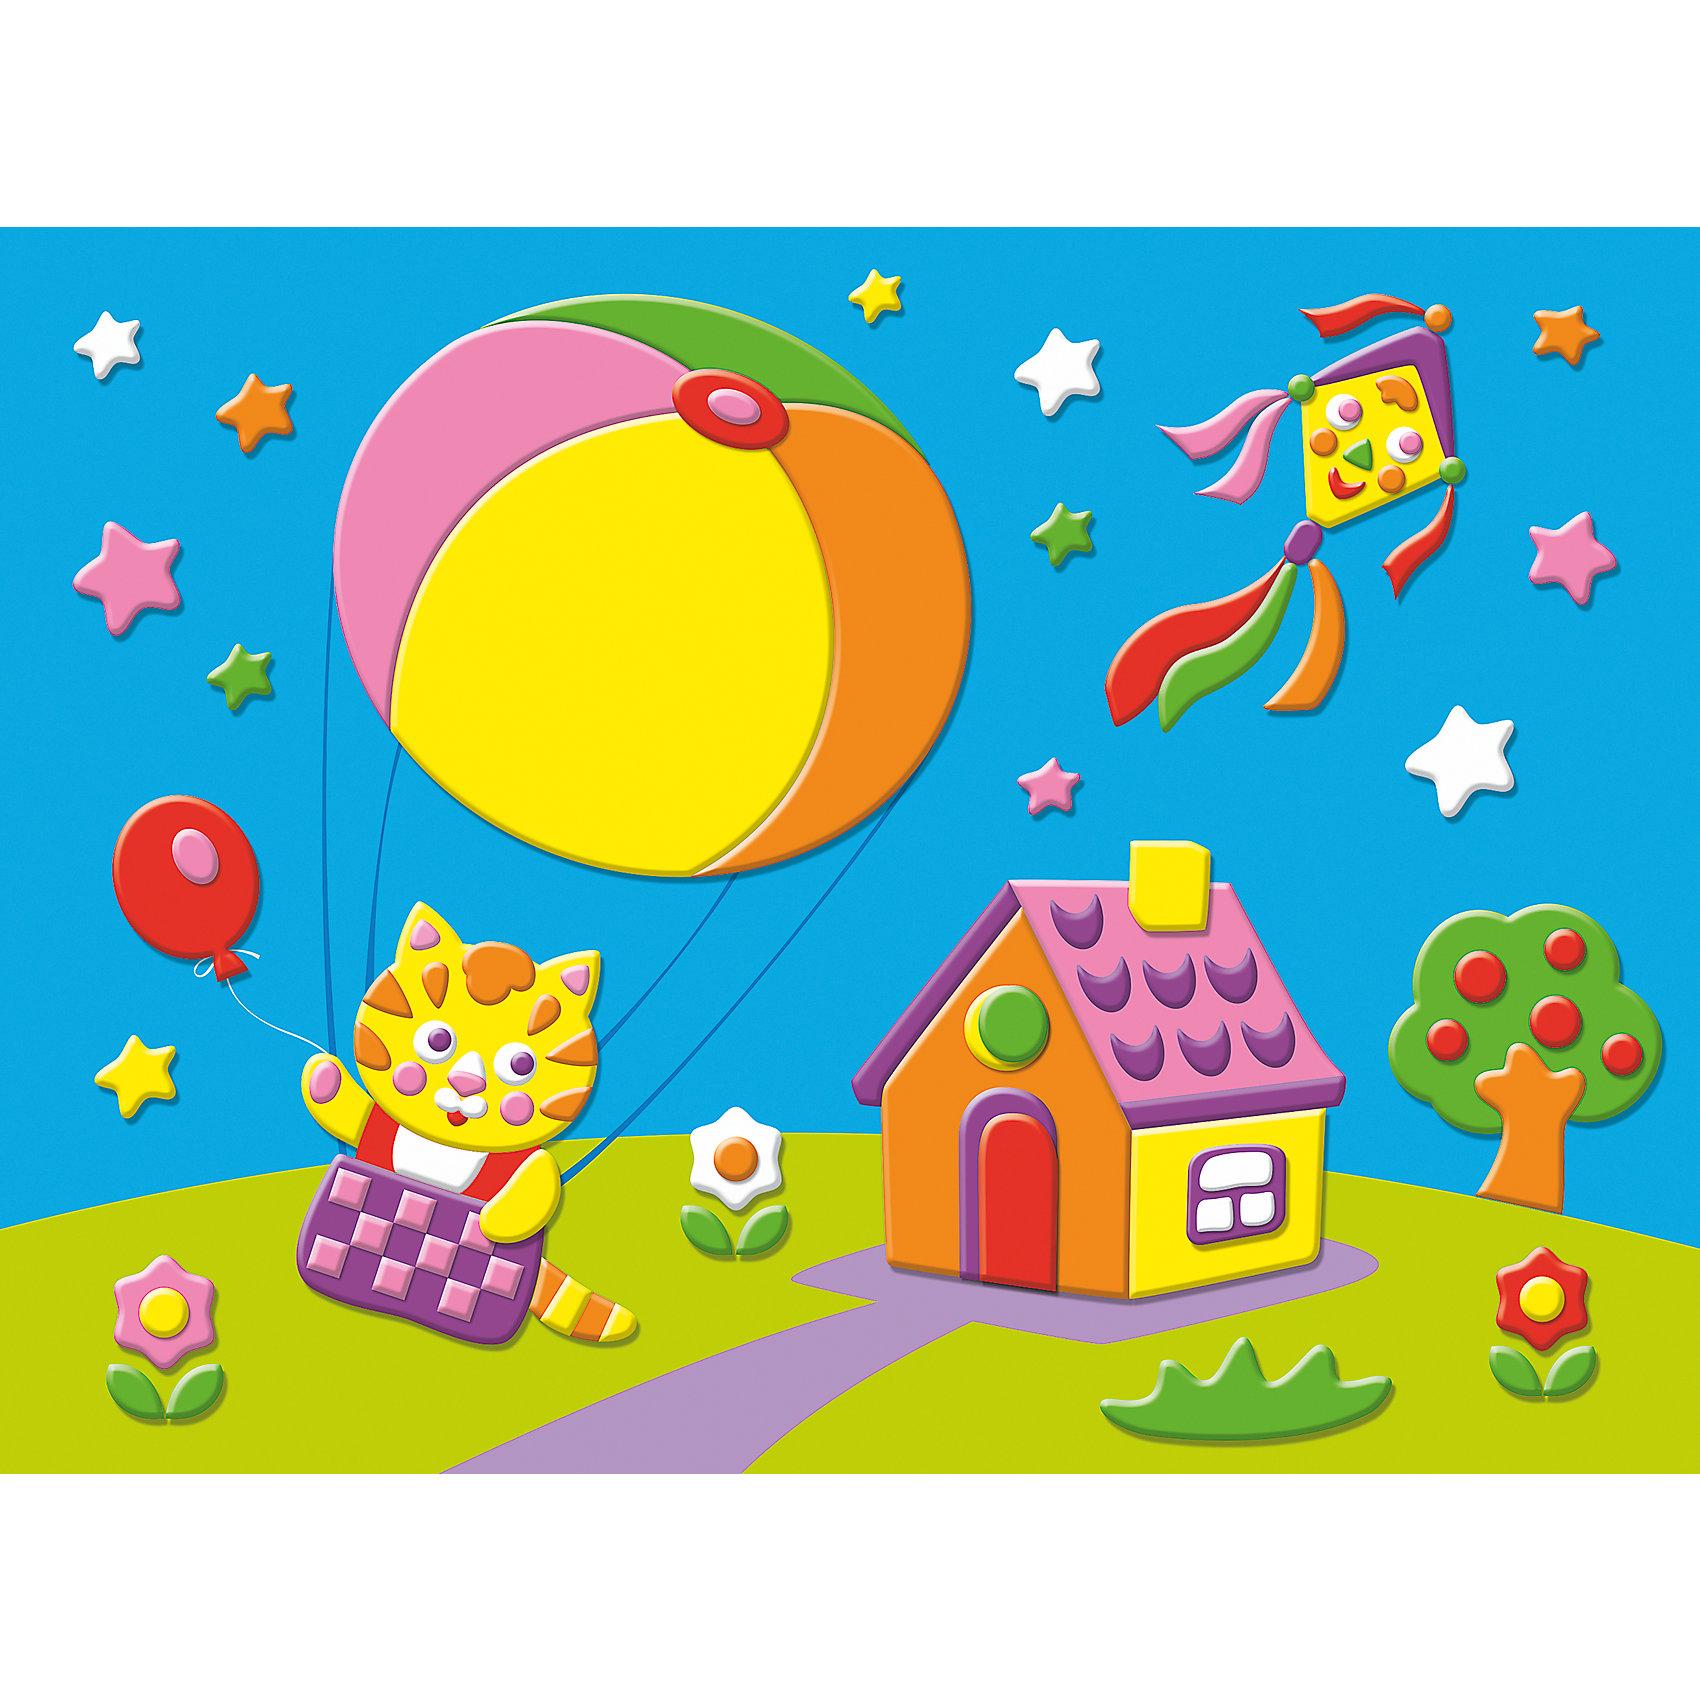 Мягкая картинка Котёнок на воздушном шареМягкая картинка Котёнок на воздушном шаре - увлекательный набор для детского творчества, который поможет Вашему ребенку без ножниц и клея сделать красивую картинку. Для начала работы нужно отобрать из комплекта детали, которые будут находиться в самом нижнем слое аппликации, затем, не вырезая, снять с них защитную пленку и вклеить в контур рисунка. Остальные части нужно наклеивать слоями, следуя образцу. Детали аппликации созданы из мягкого, приятного на ощупь материала EVA на клеевой основе, легко приклеиваются и прочно держатся. Итогом работы станет красочная объемная картинка с изображением веселого котенка на воздушном шаре. Работа с аппликацией развивает у ребенка цветовое восприятие, образно-логическое мышление, пространственное воображение, внимание и память.<br><br>Дополнительная информация:<br><br>- В комплекте: цветная картинка-основа с рисунком, 7 разноцветных пластин мягкого пластика ЭВА на самоклеящейся основе.<br>- Размер упаковки: 21,5 х 30 х 0,5 см.<br>- Вес: 68 гр.<br><br>Мягкую картинку Котёнок на воздушном шаре, Дрофа Медиа, можно купить в нашем интернет-магазине.<br><br>Ширина мм: 300<br>Глубина мм: 215<br>Высота мм: 5<br>Вес г: 85<br>Возраст от месяцев: 36<br>Возраст до месяцев: 2147483647<br>Пол: Унисекс<br>Возраст: Детский<br>SKU: 4561853